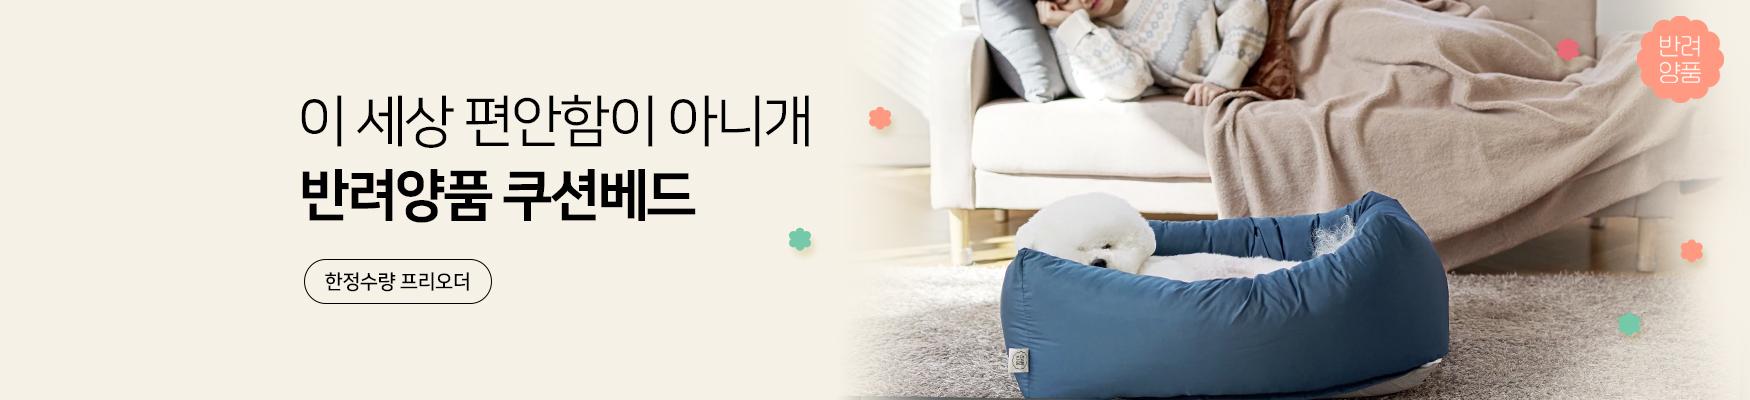 [이벤트] 반려양품 쿠션베드 프리오더